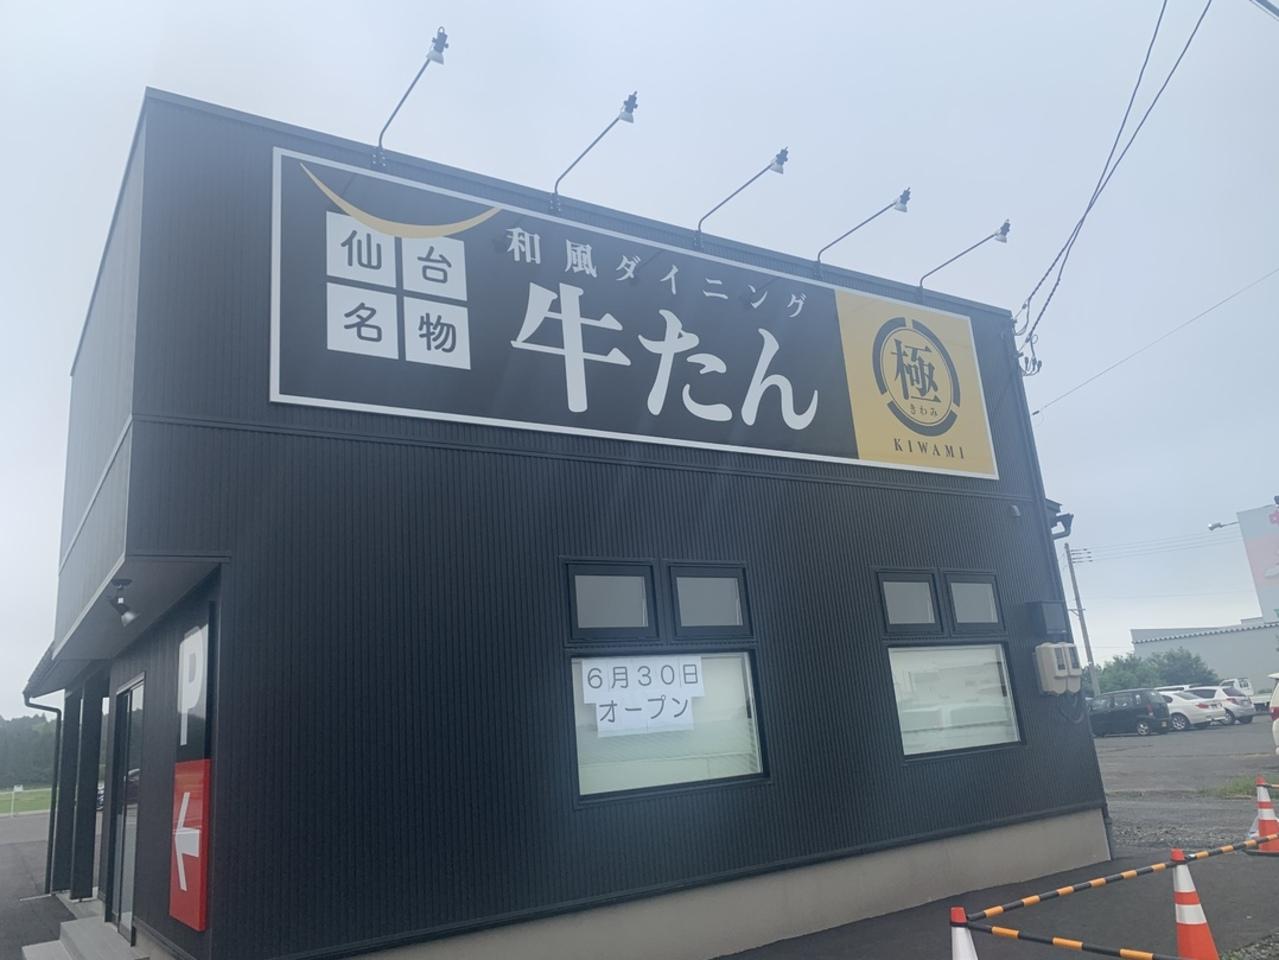 【十和田市】和風ダイニング「牛たん極」21.6.30オープンするそうです!